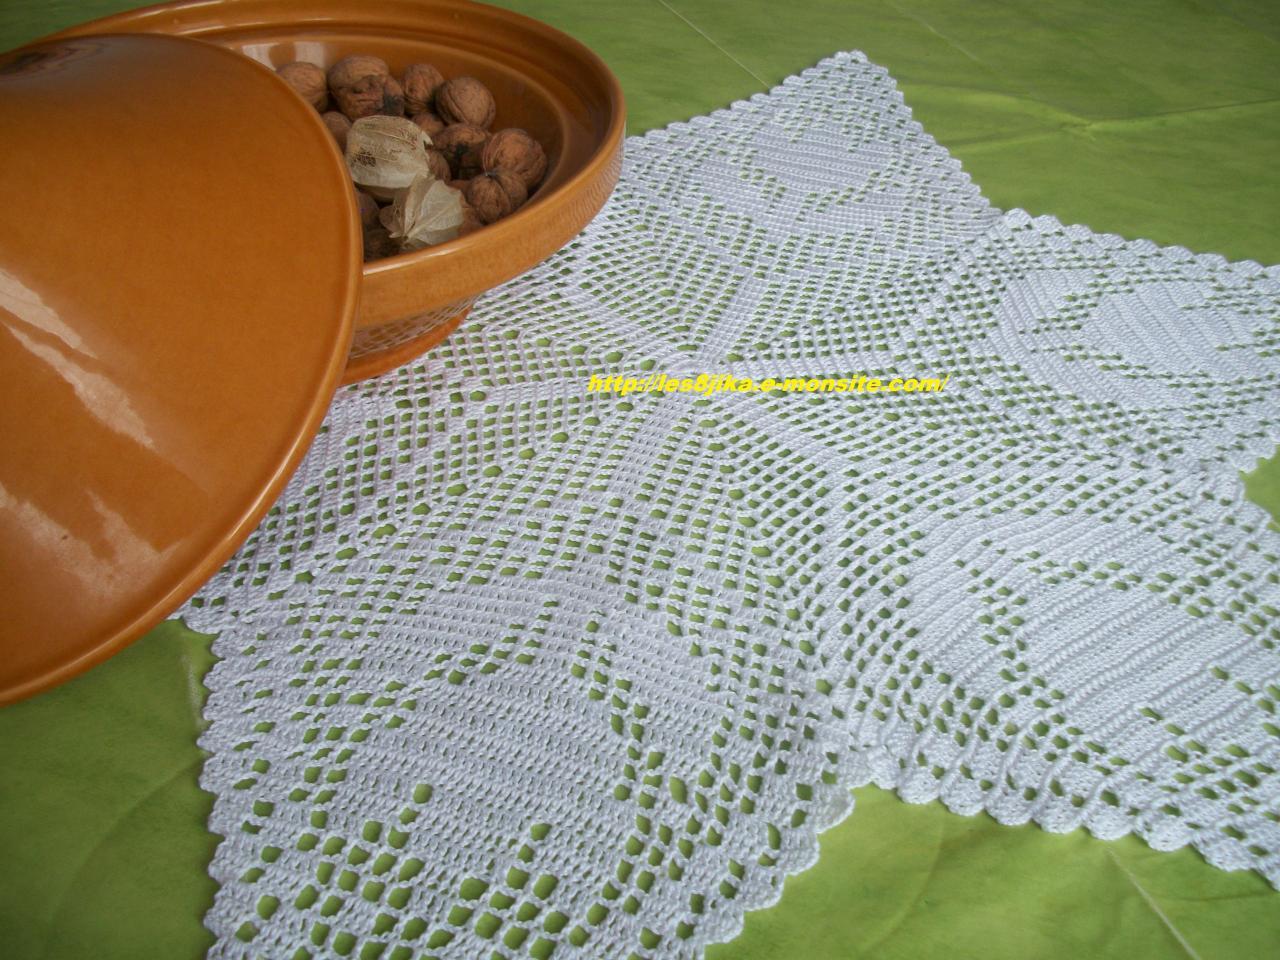 Site De Crochet : Site de crochet gratuit ( mod?les et grilles gratuites)